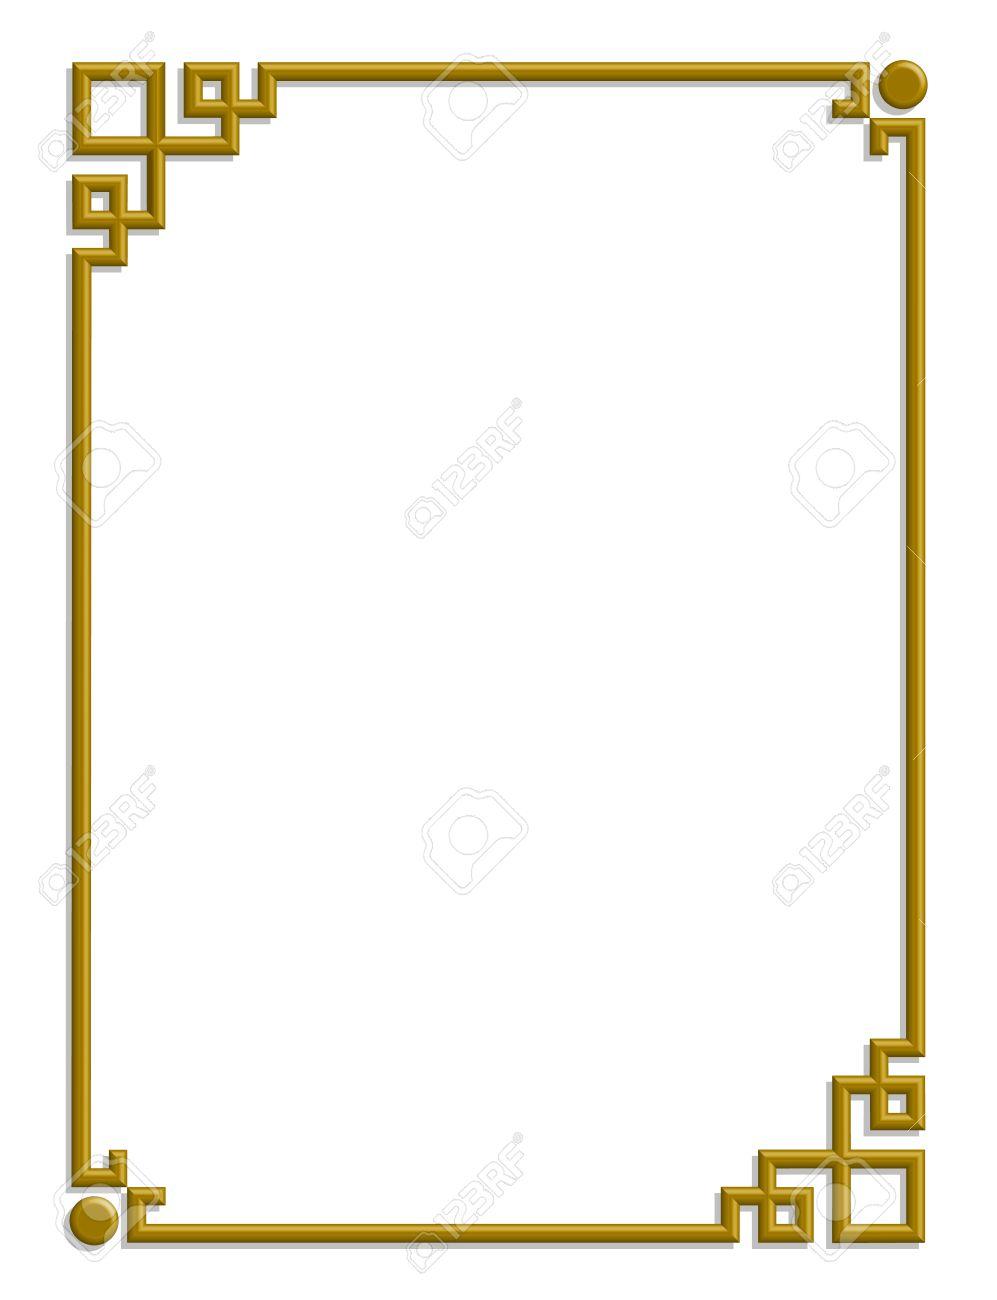 Bien connu Vecteur 3D De Beau Modèle Chinois De Cadre Doré Pour Le Texte Et L  II79